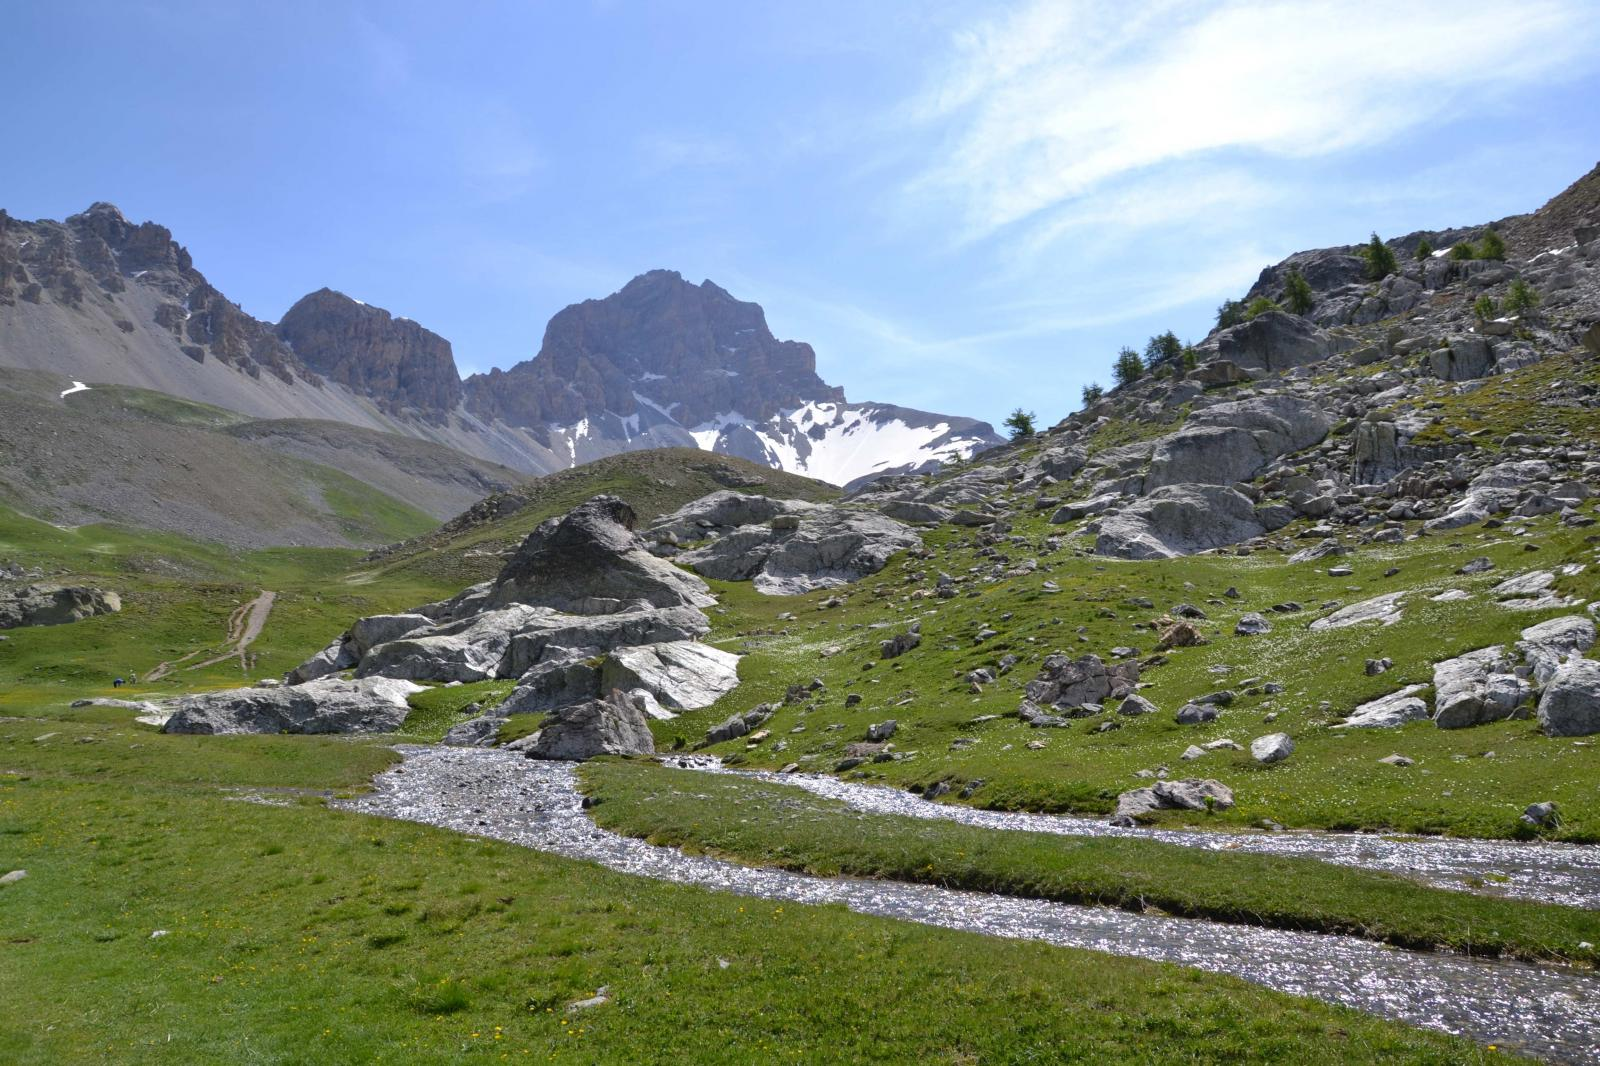 Un guado, sullo sfondo il monte Oronaye